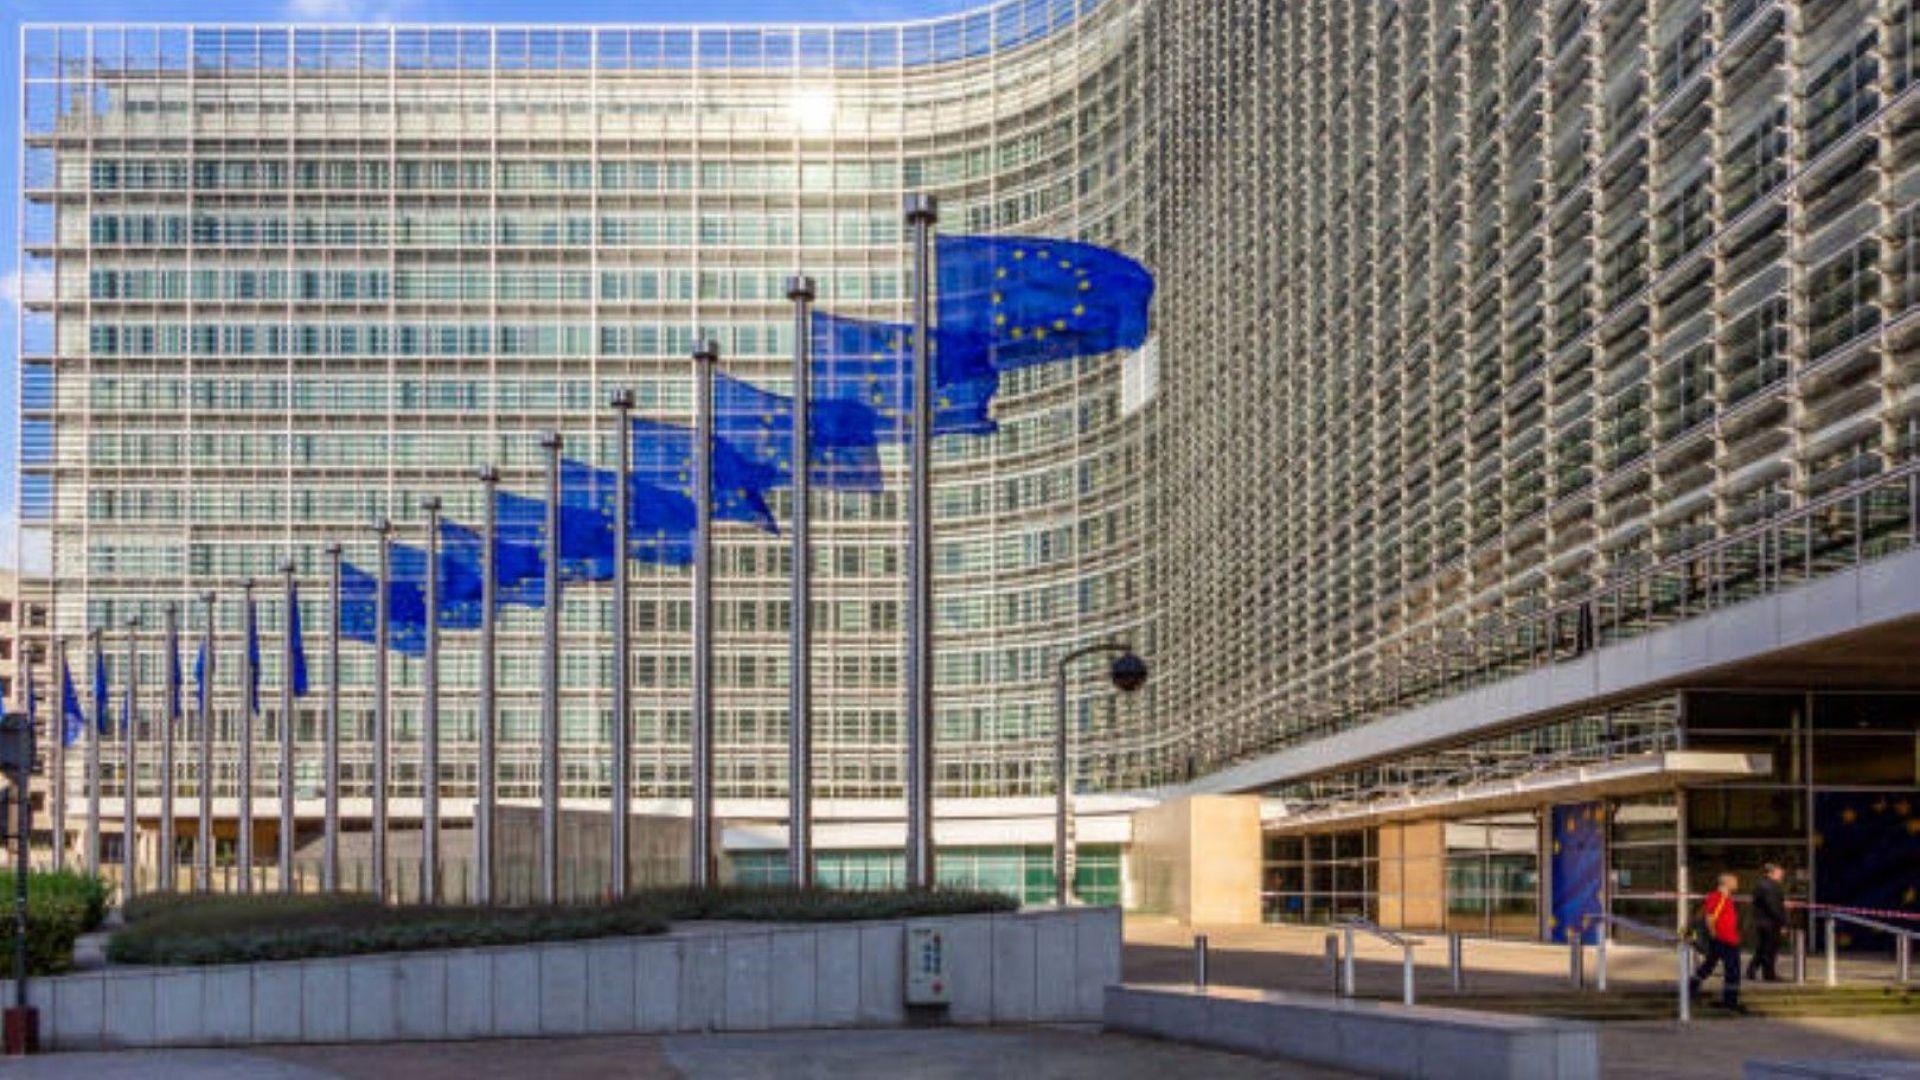 ЕК оповести нова стратегия: България да влезе в Шенген, защото е изпълнила изискванията още преди 10 г.